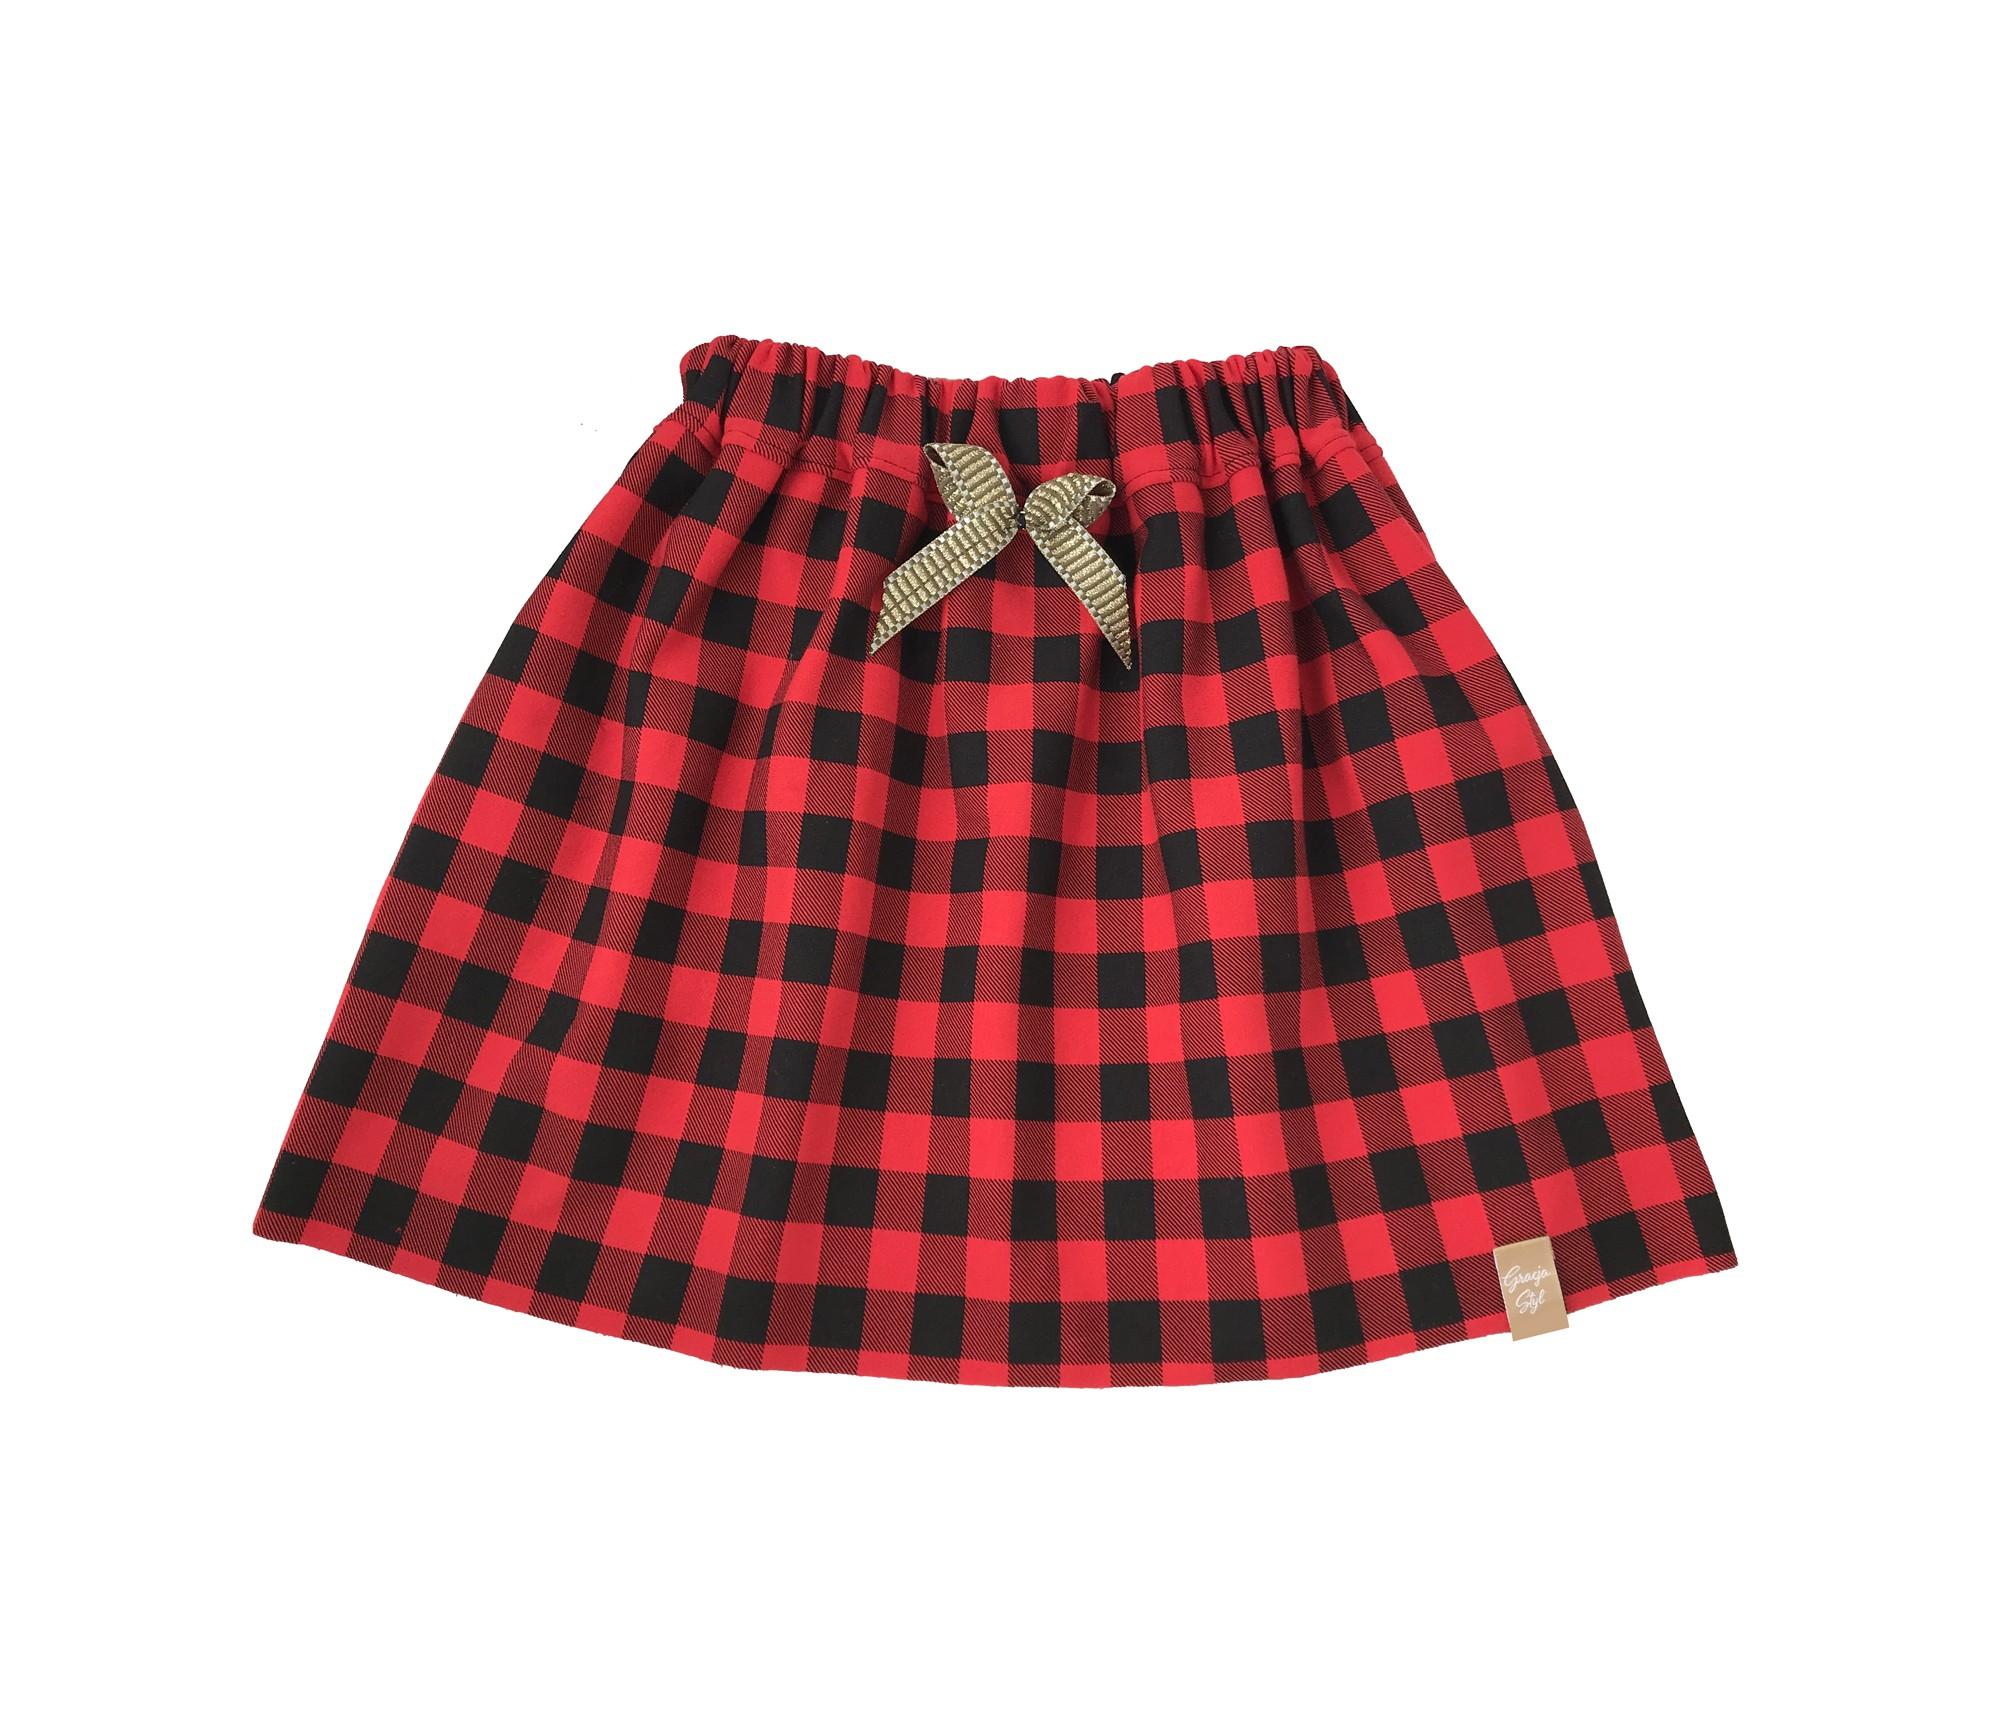 Bawełniana spódniczka dziecięca wzór kratka czerwono-czarna